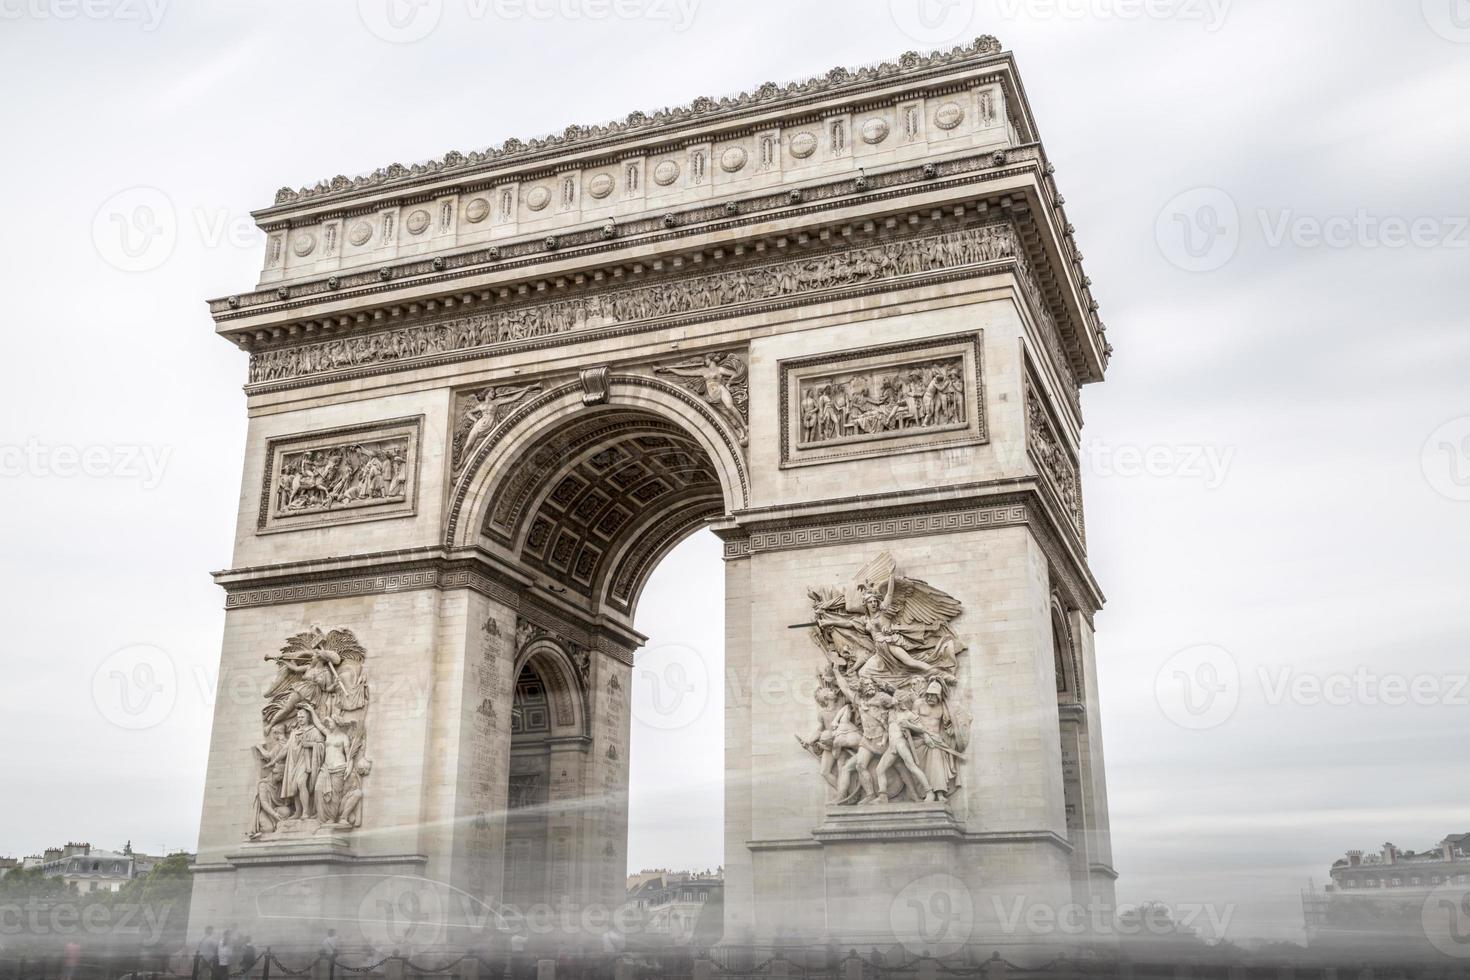 triumfbåge i Paris, Frankrike foto